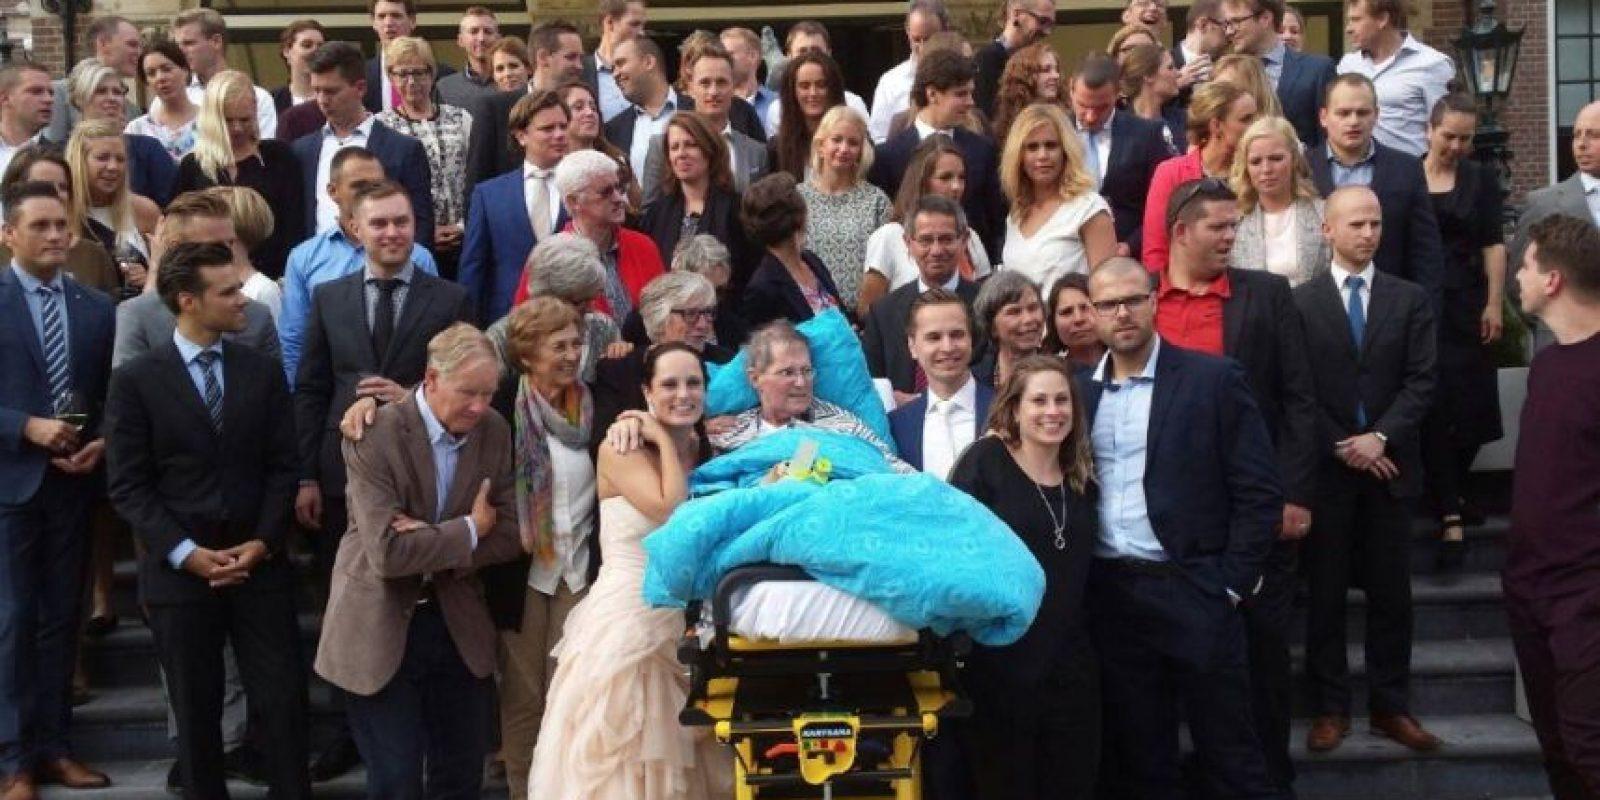 Asistir a la boda de su hija. Foto:Vía Facebook.com/wensenrijders